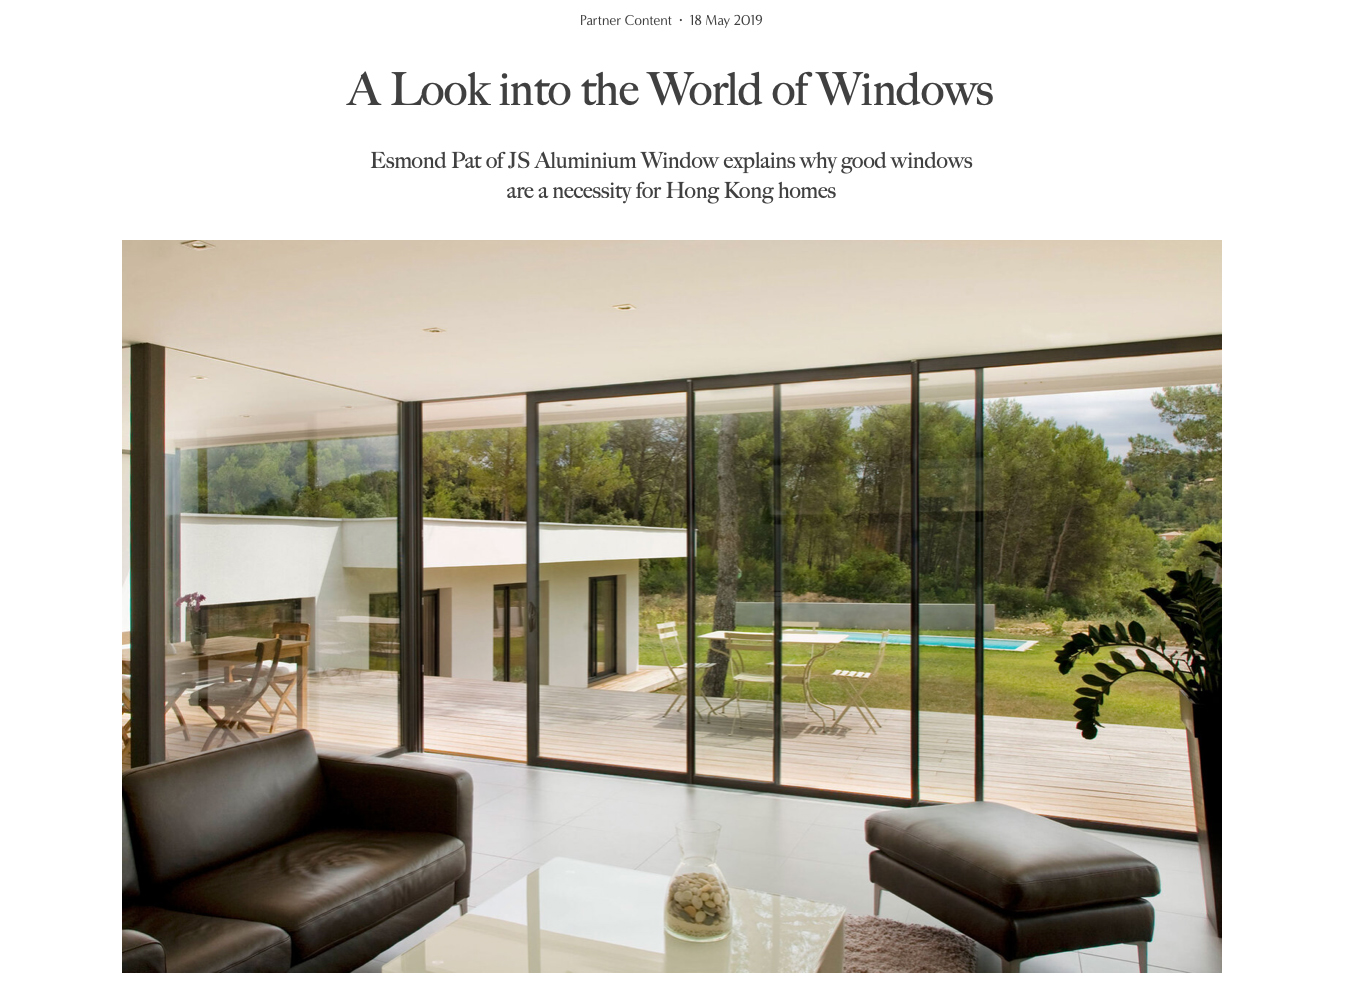 JS - Aluminium Windows in Hong Kong 高級歐洲鋁窗代理 - coverage